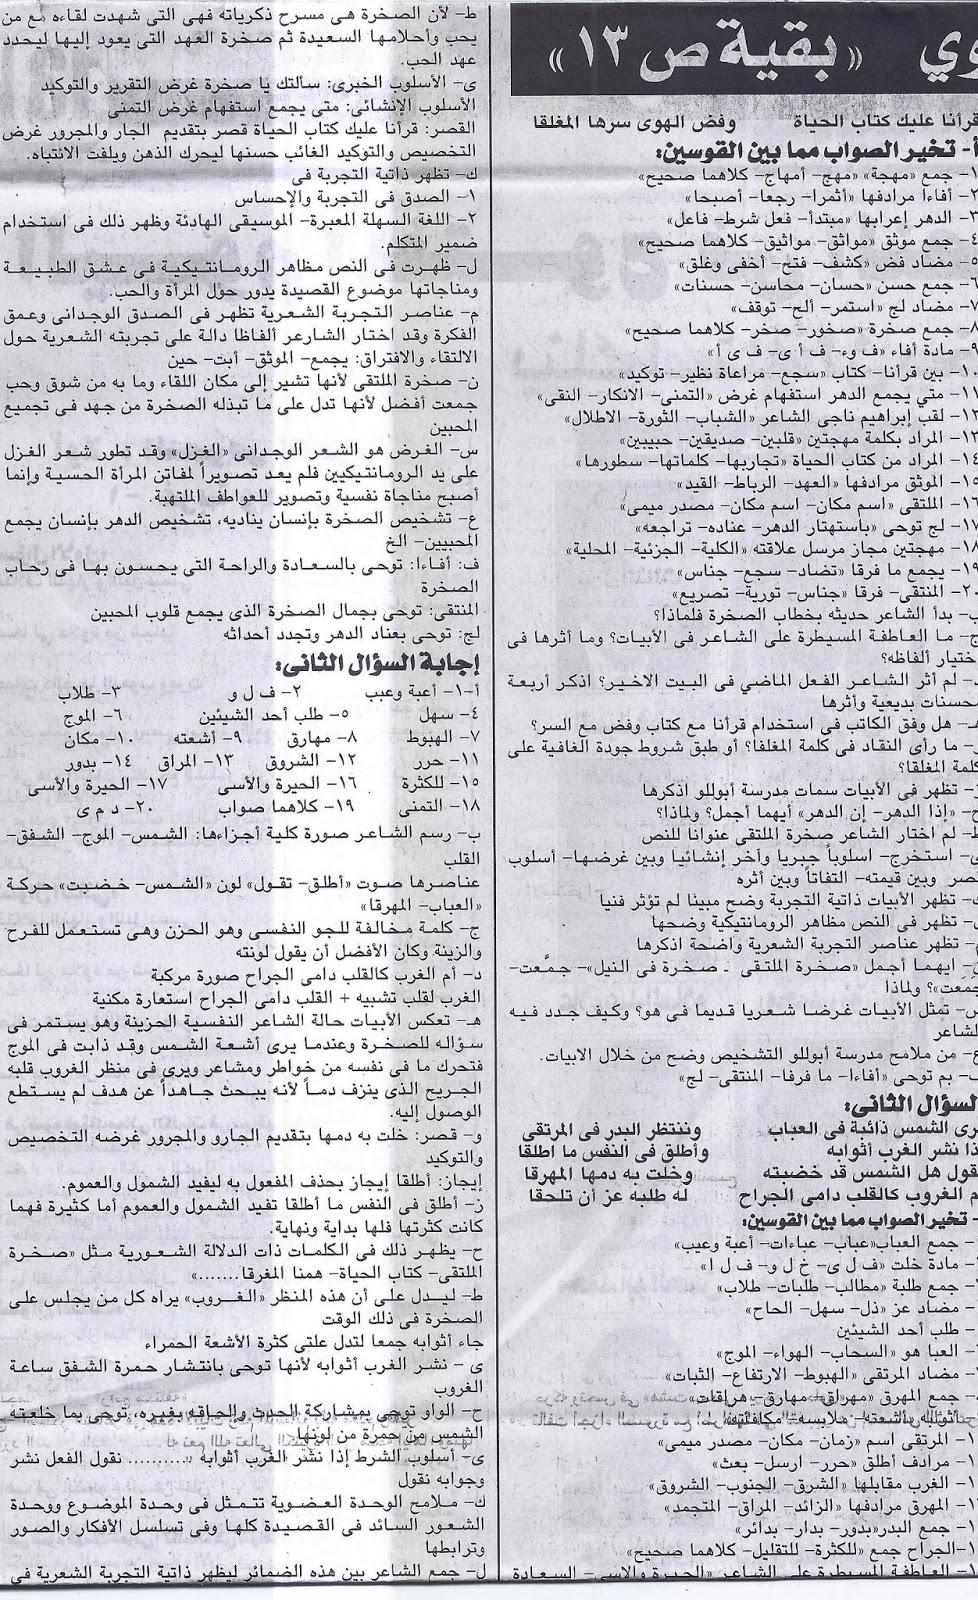 ملحق الجمهورية: مراجعة ليلة الامتحان في النصوص للصف الثالث الثانوى 7